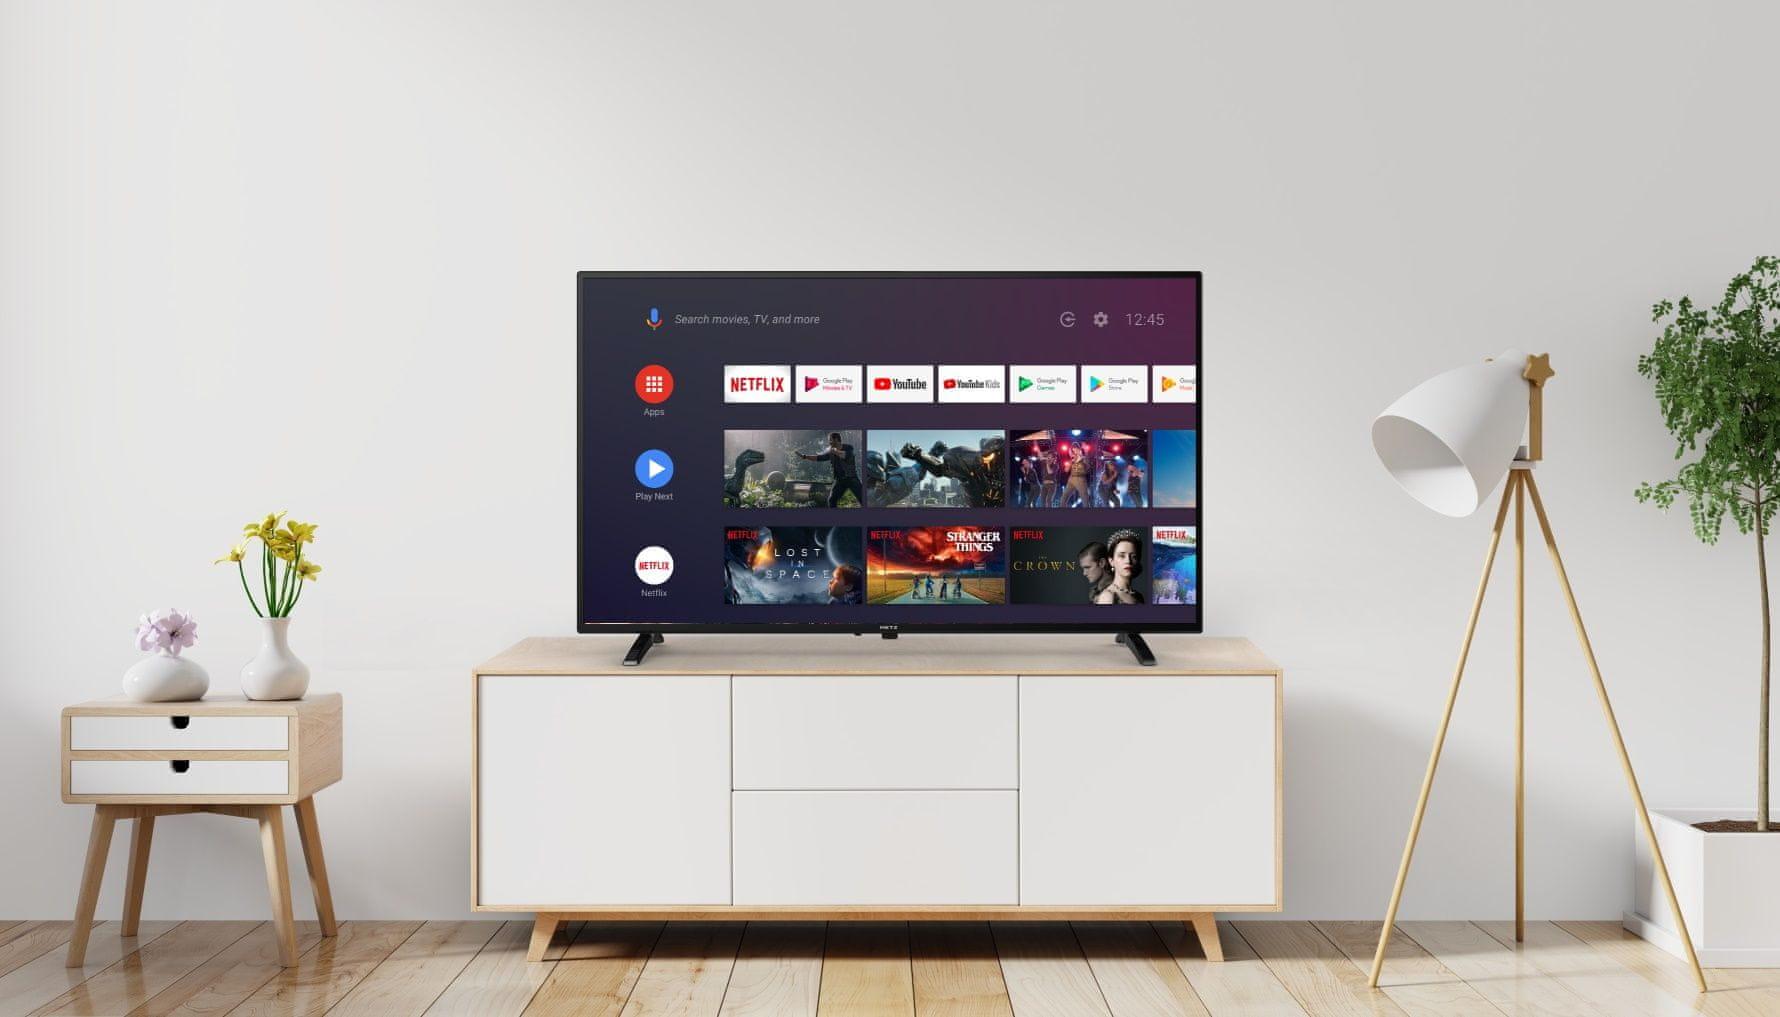 metz tv televize hd 2021 youtube netflix prime video herní režim